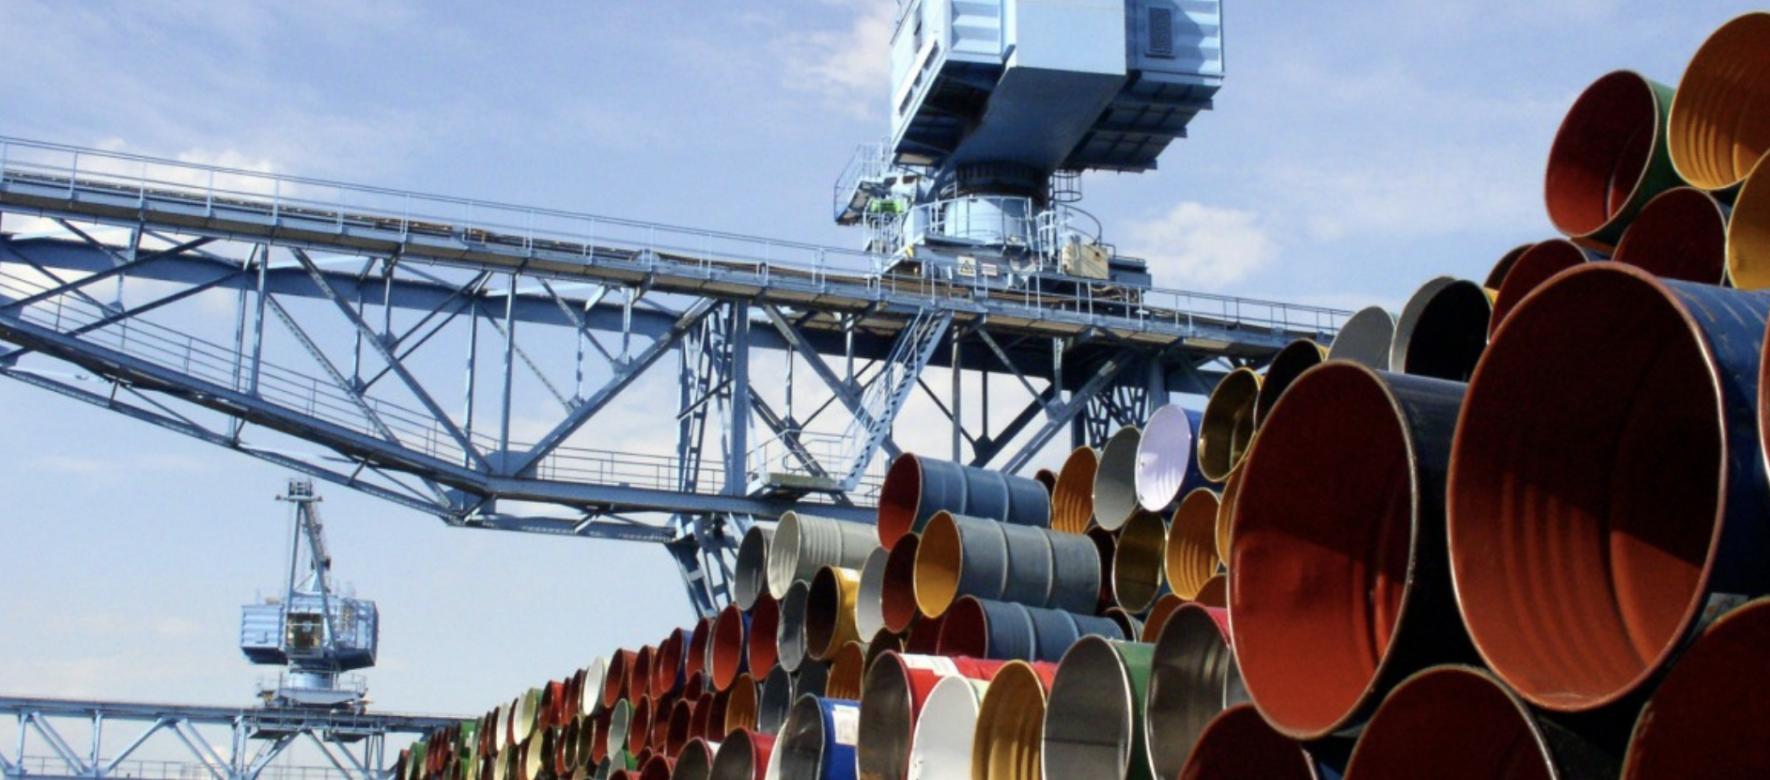 L'Organisation des pays exportateurs de pétrole (OPEP) et ses dix alliés ont confirmé leur plan d'augmenter la production de 400 000 barils par jour dès le mois d'août